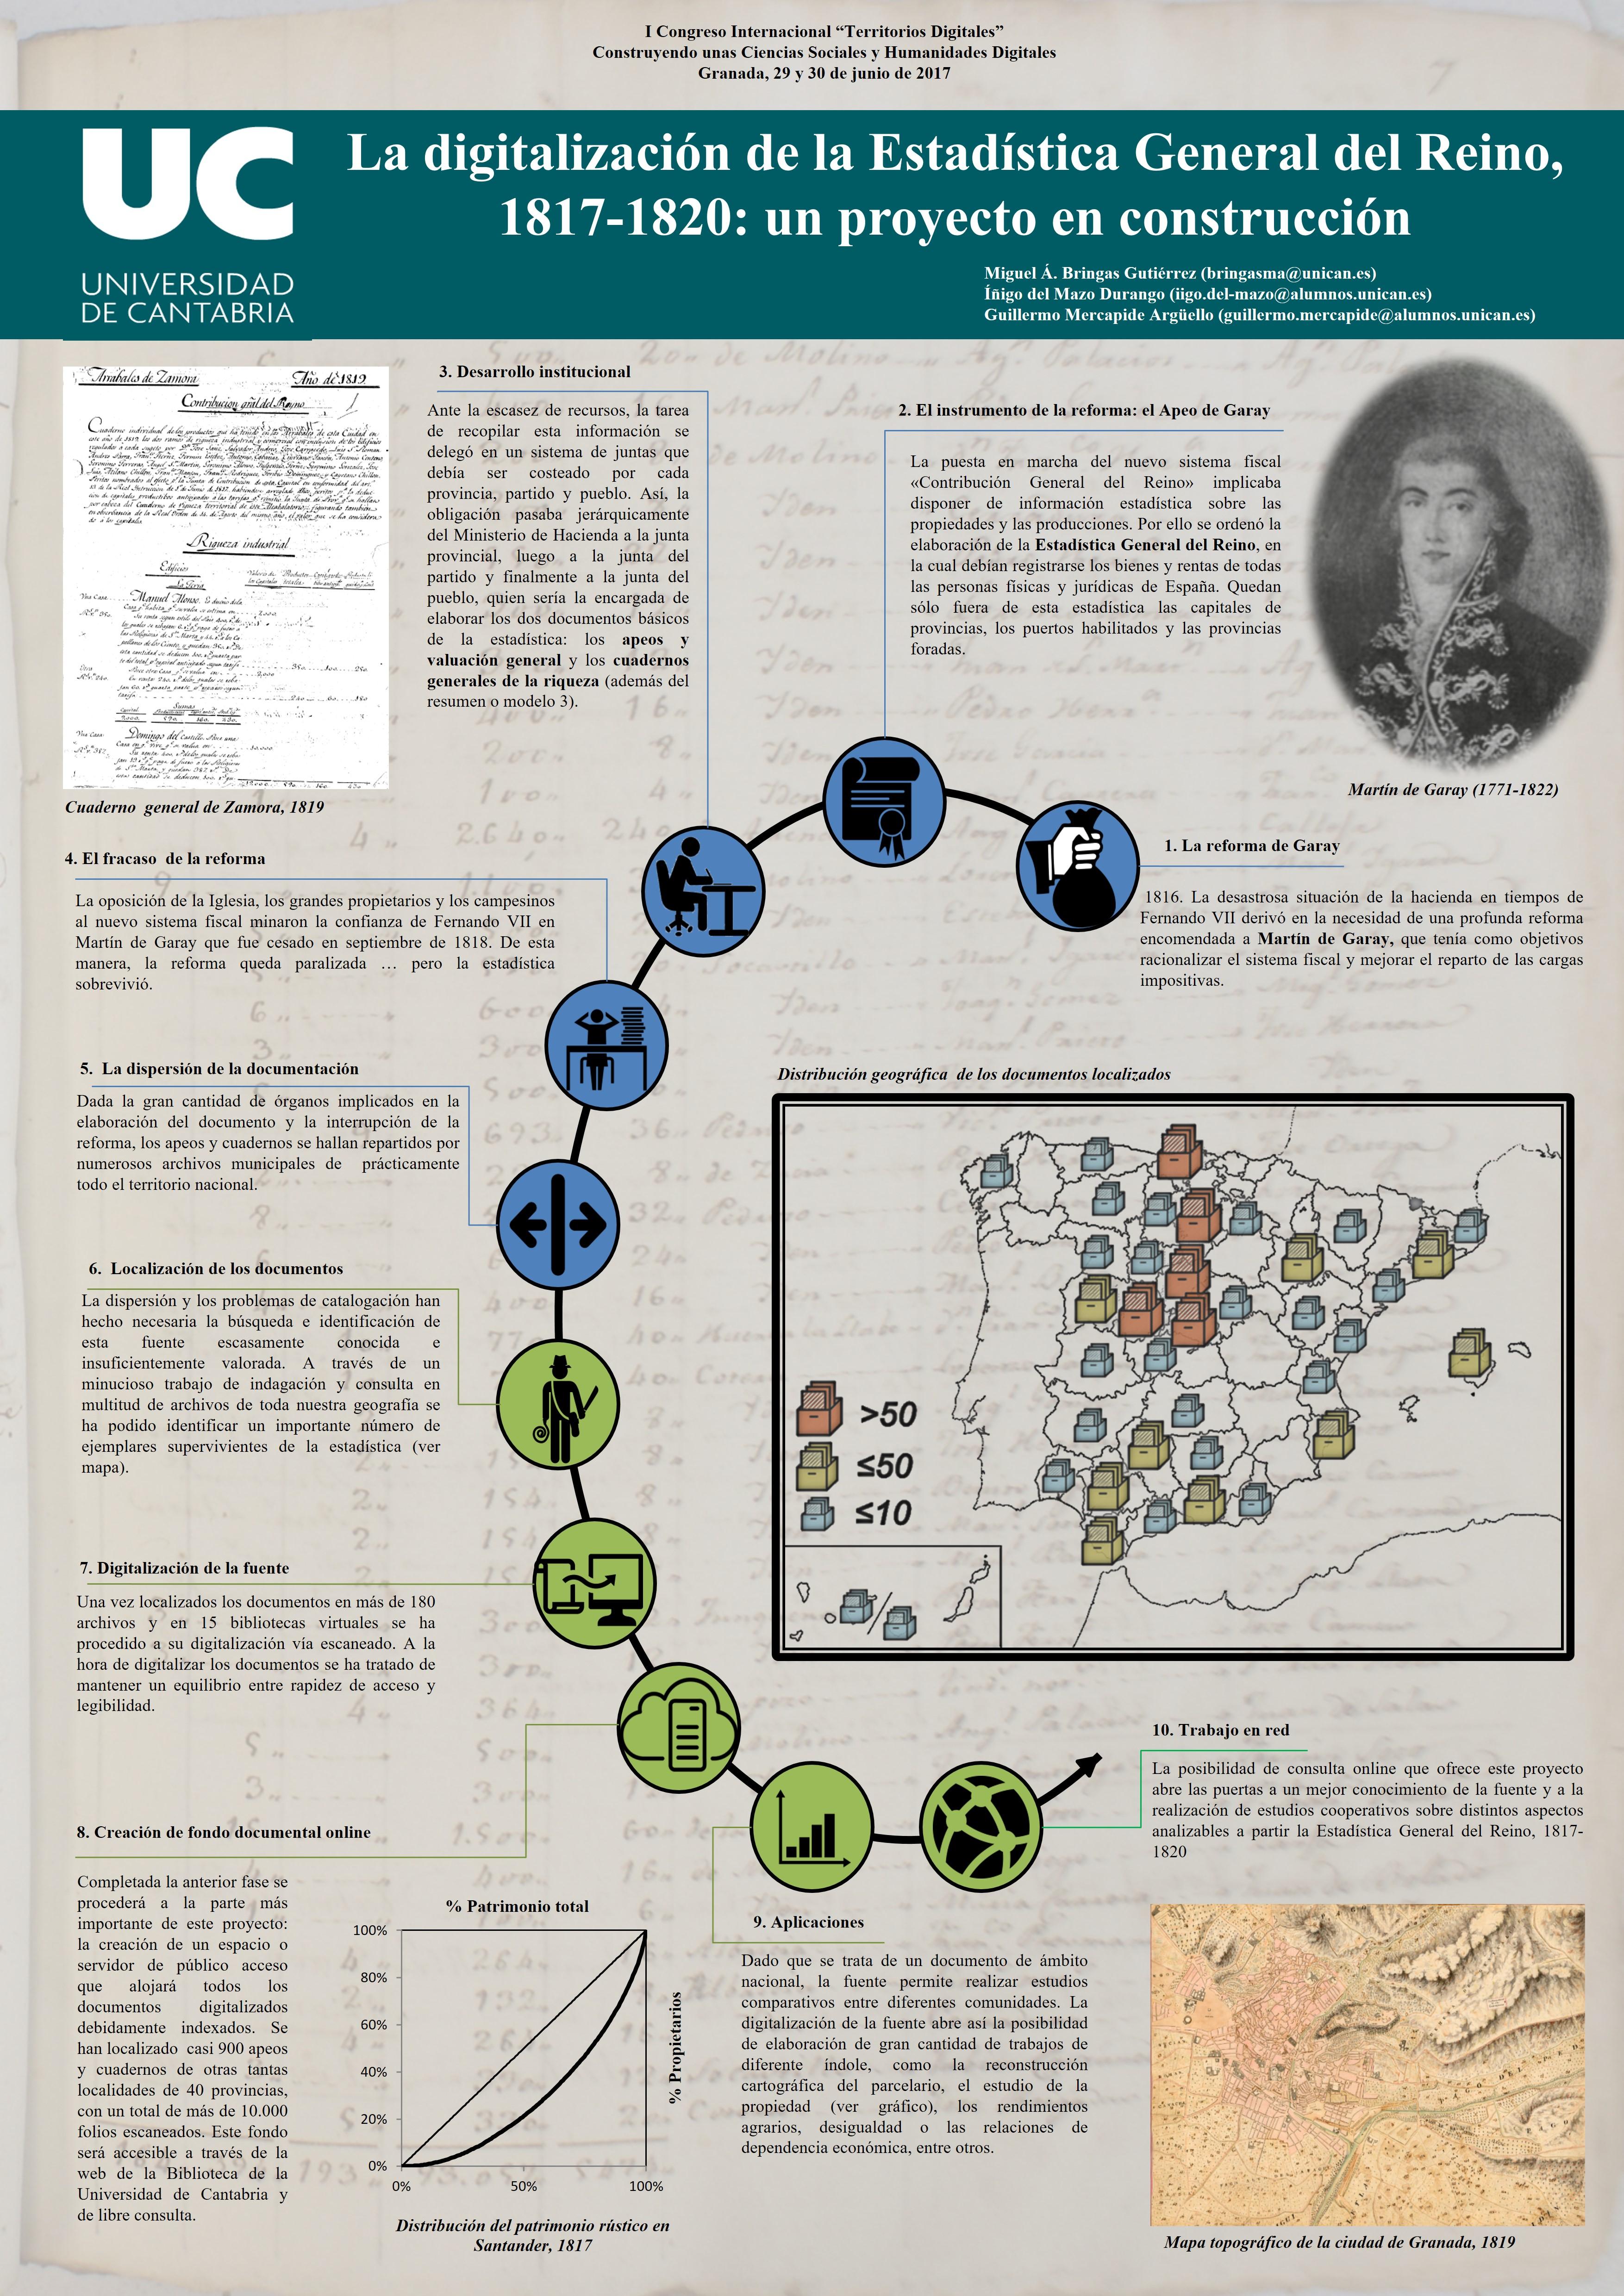 La digitalización de la Estadística General del Reino, 1817-1820: un proyecto en construcción